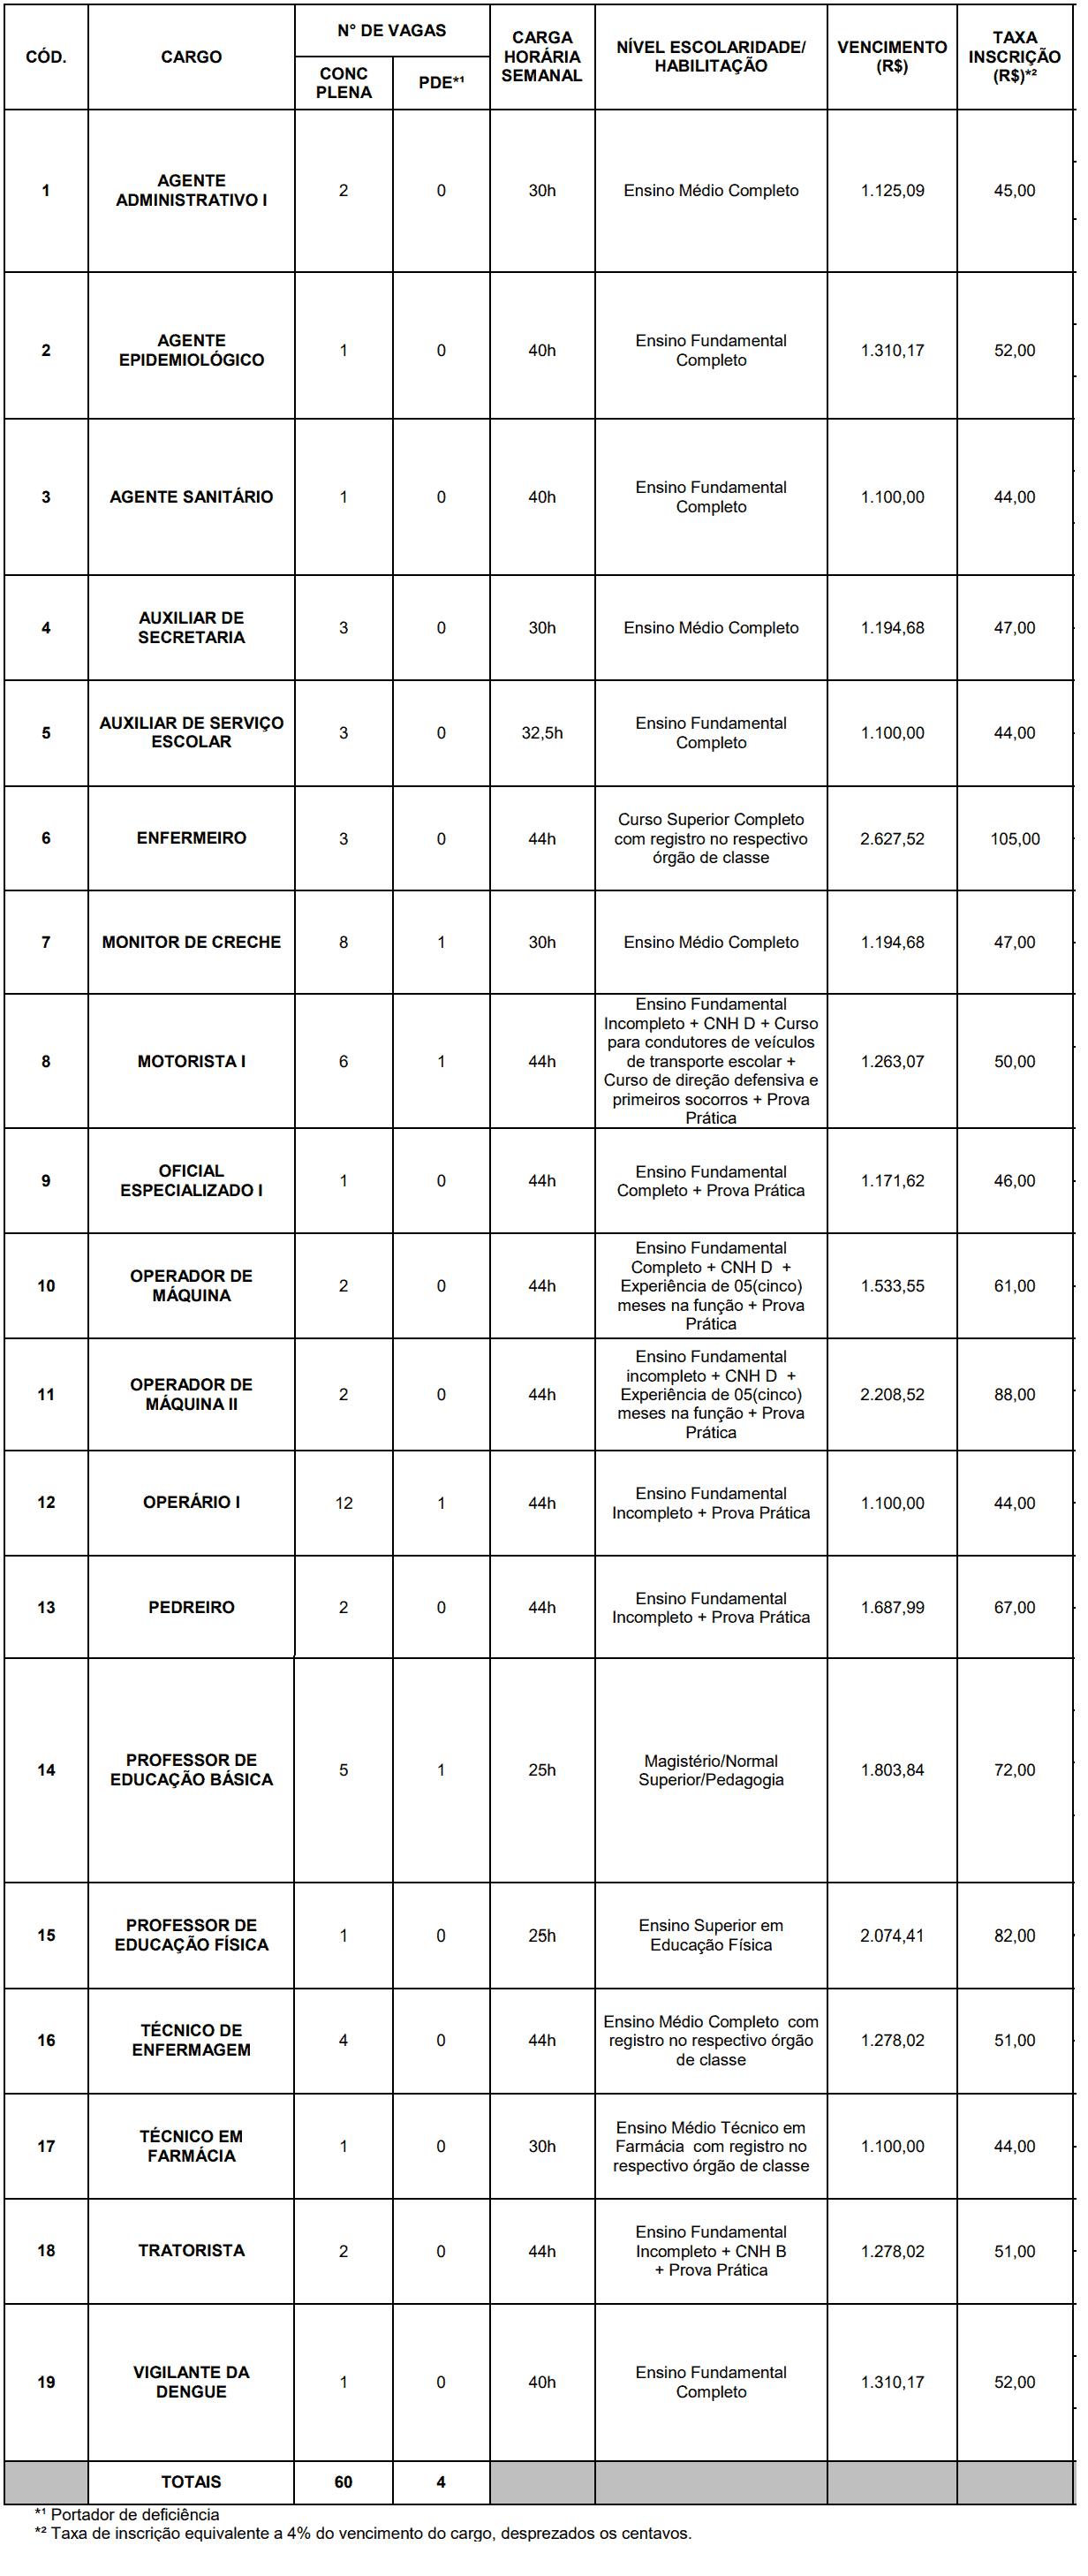 429 - Processo seletivo Prefeitura de Heliodora MG: Edital publicado